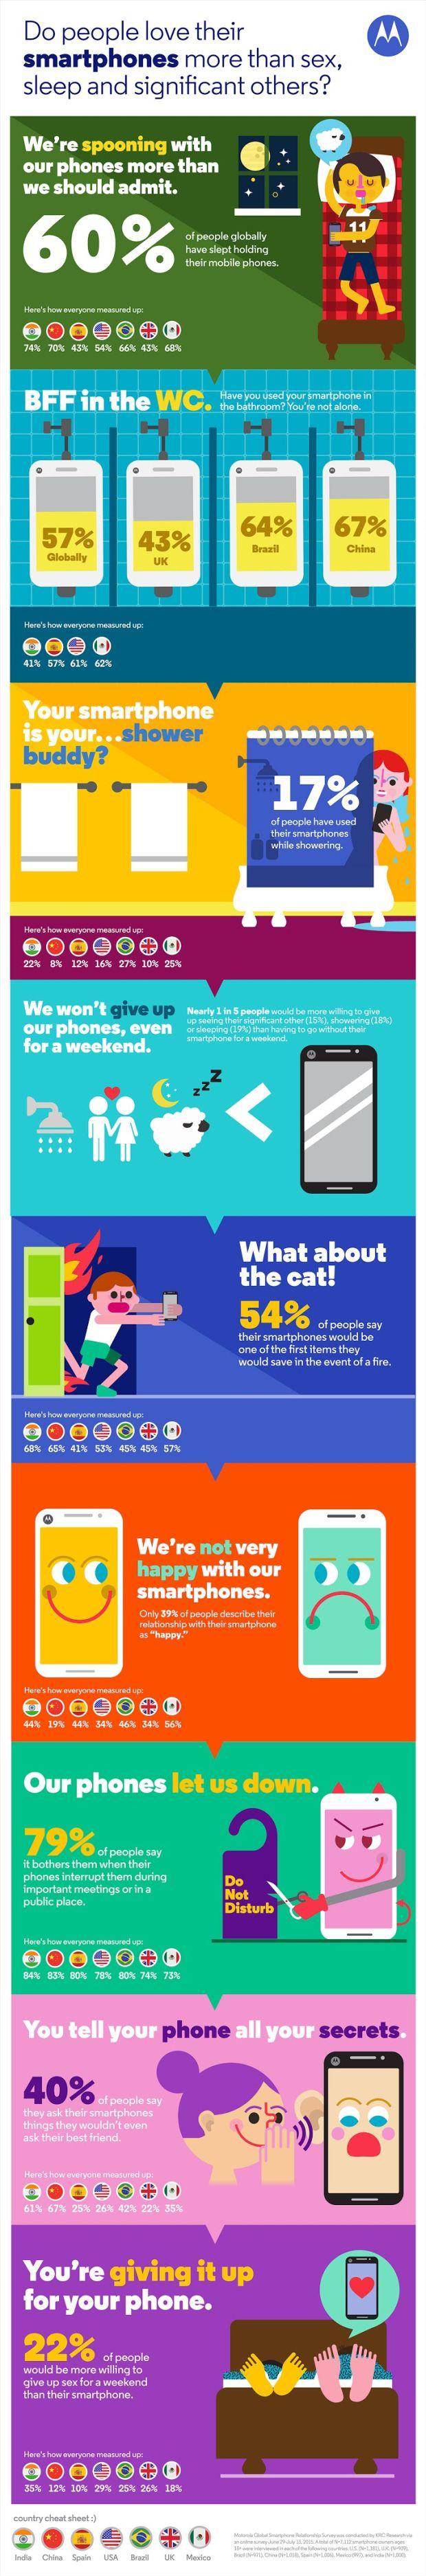 news-motorola-badanie-smartfony-relacje